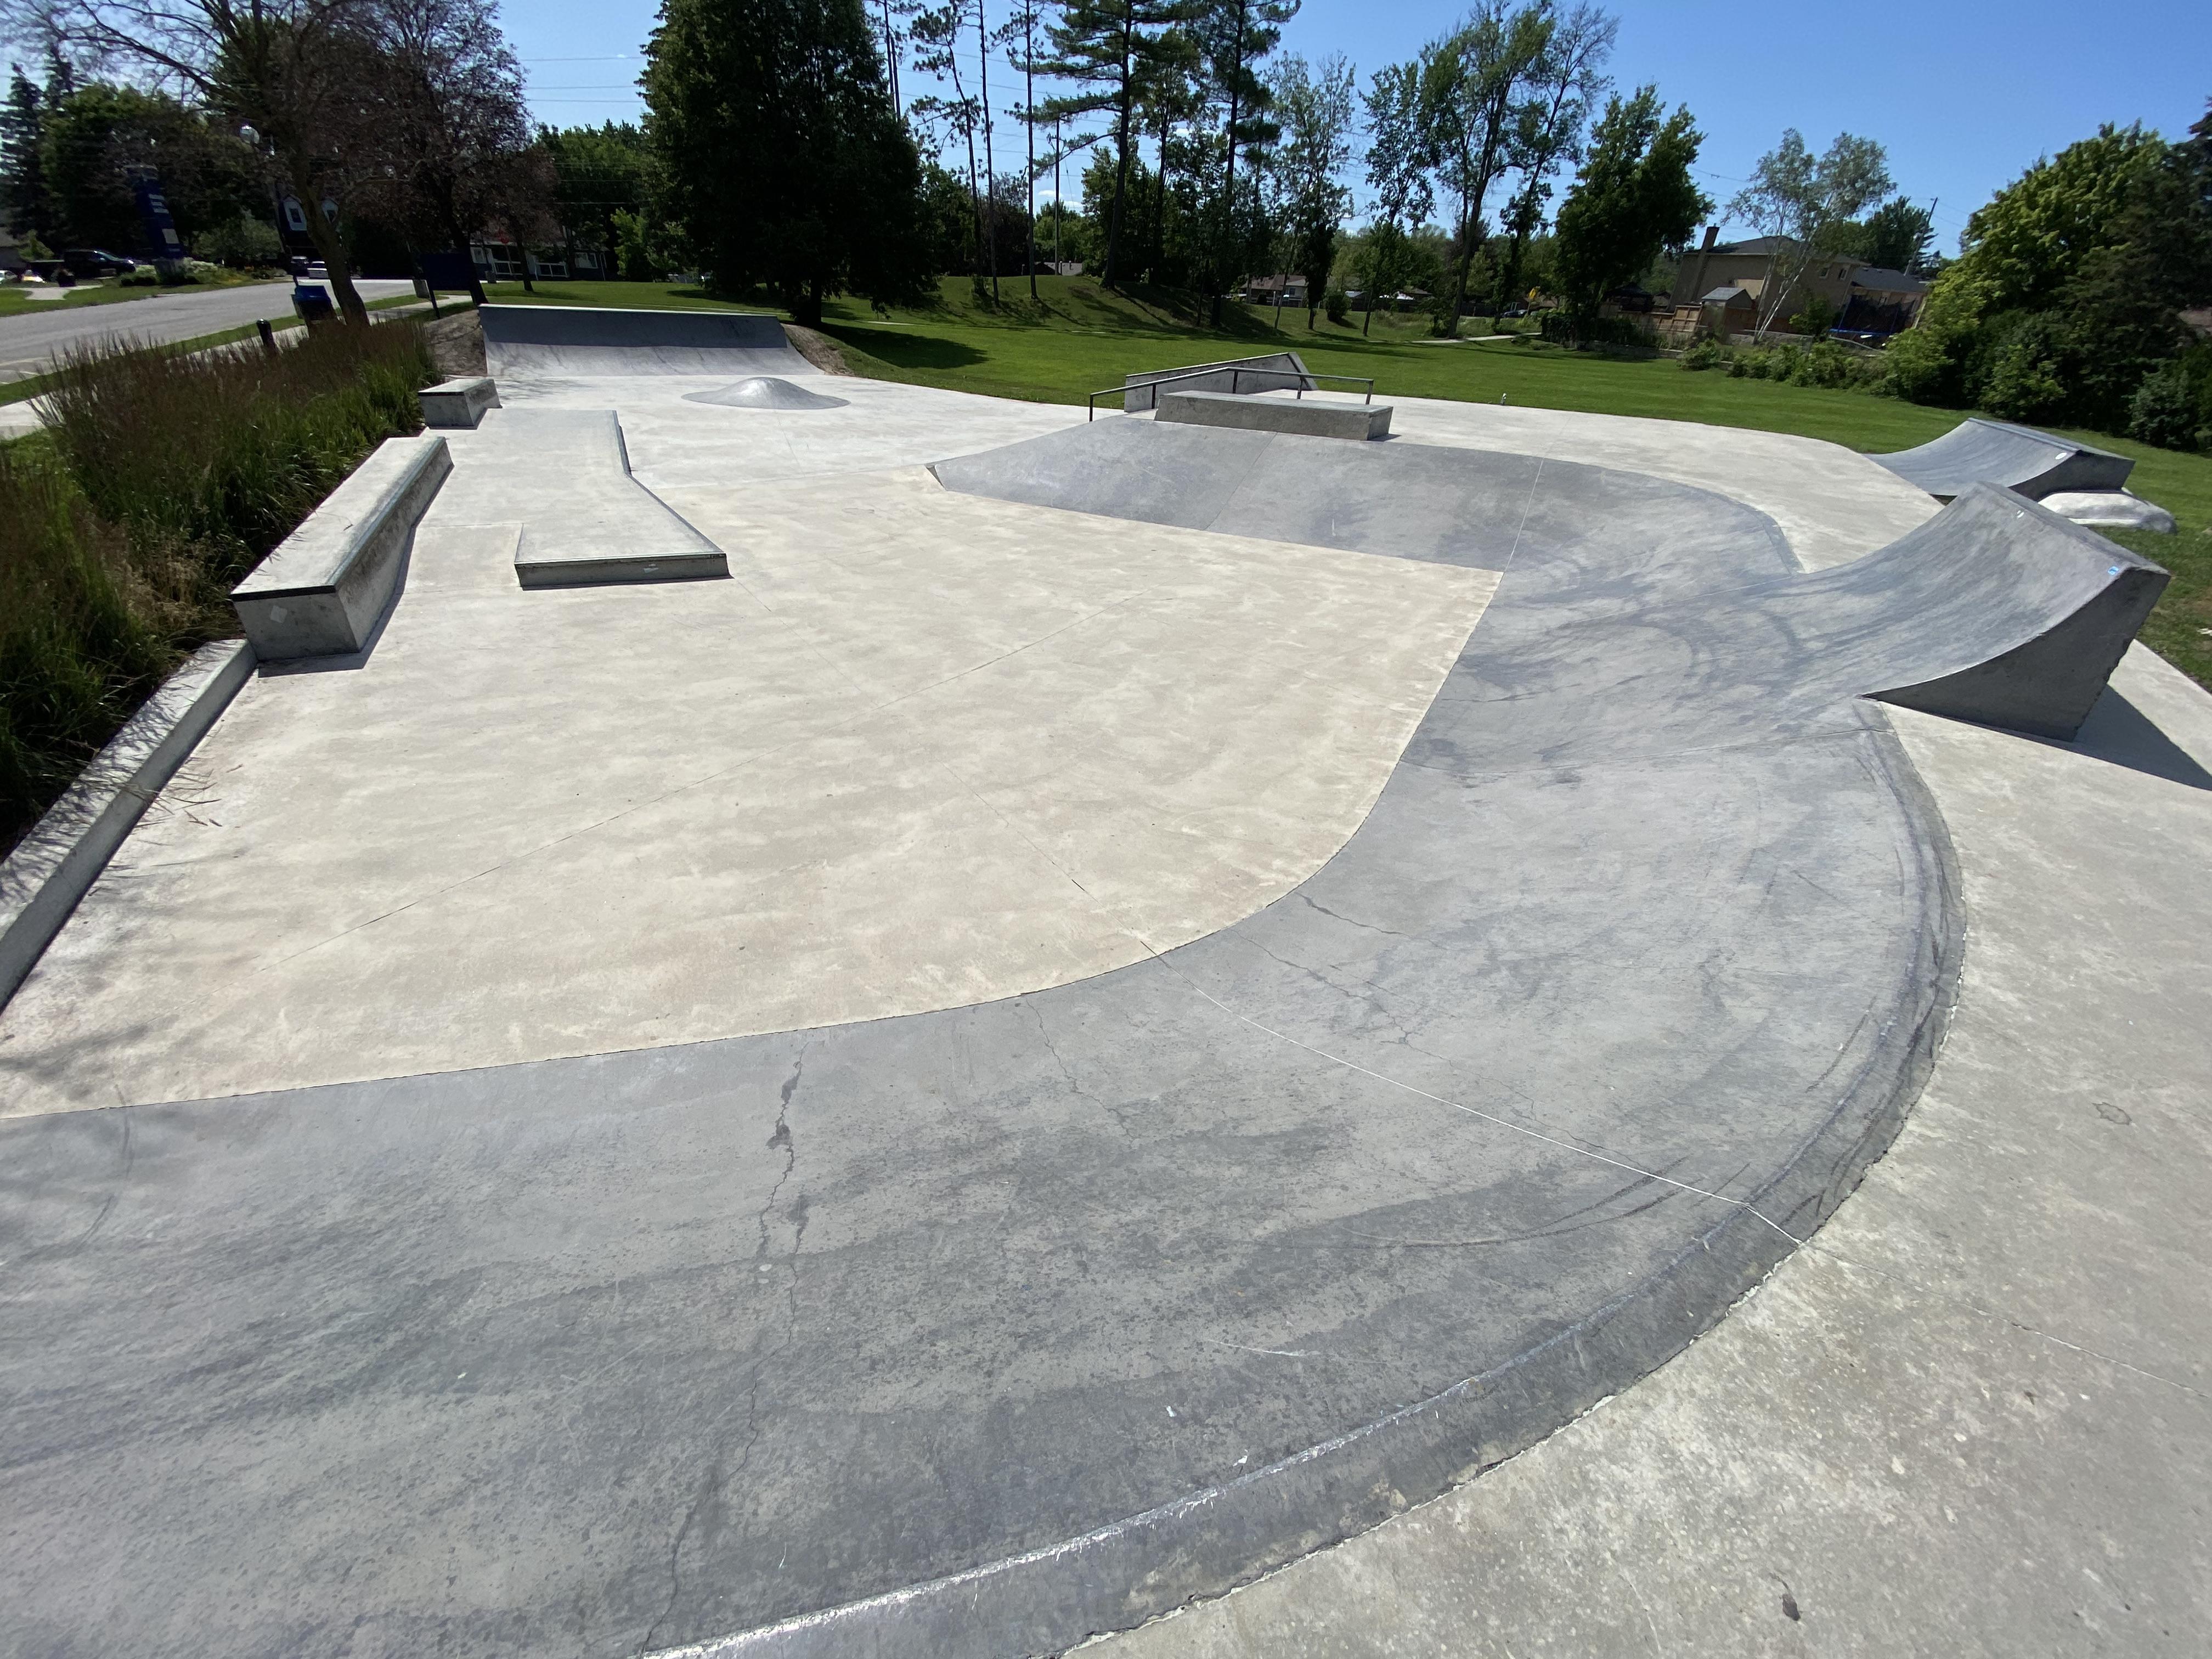 holland landing skatepark from the entrance